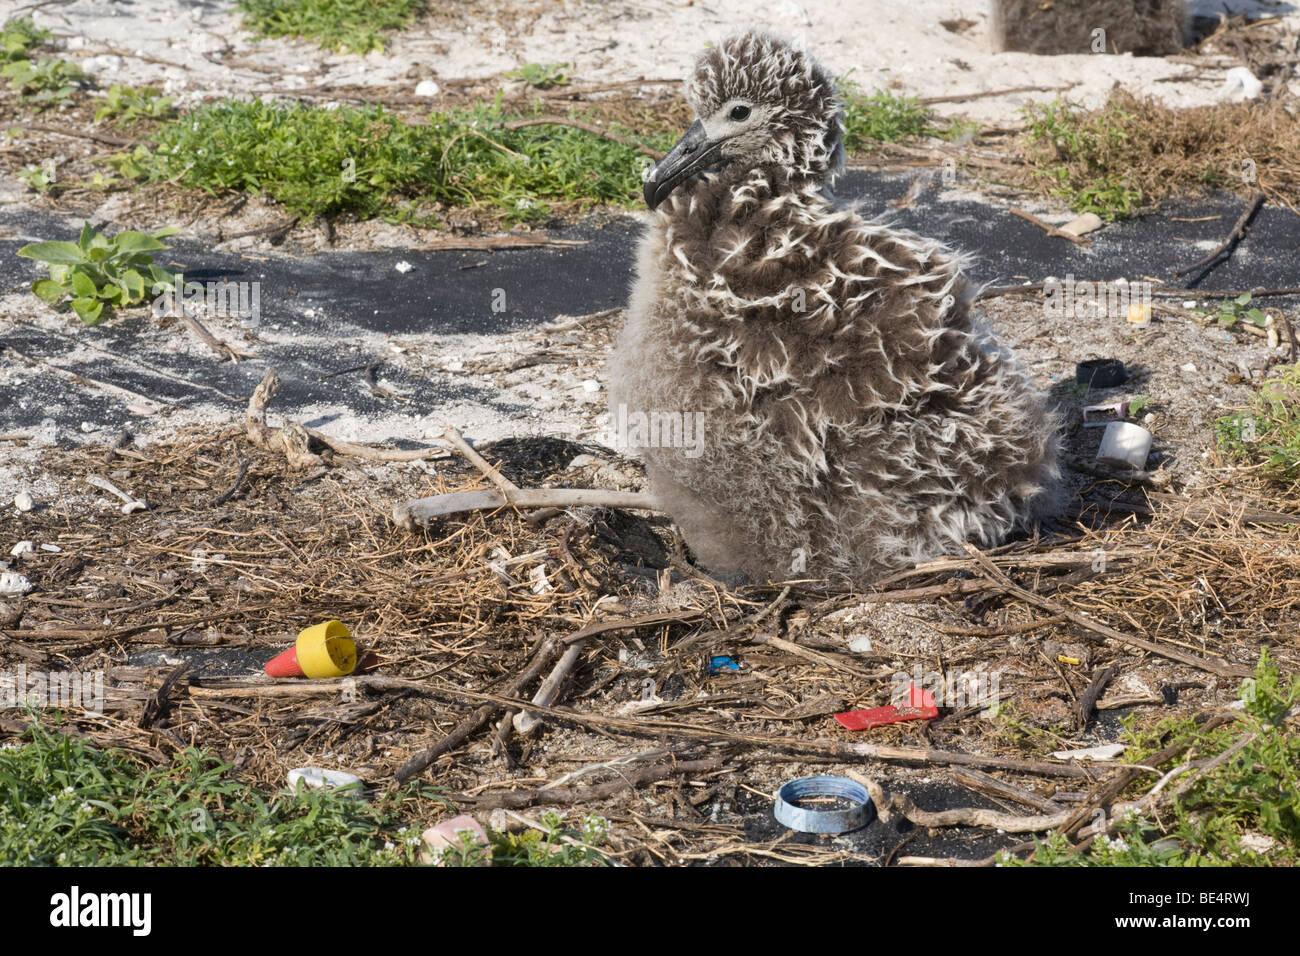 Laysan Albatros Küken mit Kunststoff bleiben aus dem Magen eines Toten Vogels, die zuvor aufgenommenen Schmutz, Midway-Atoll Stockfoto